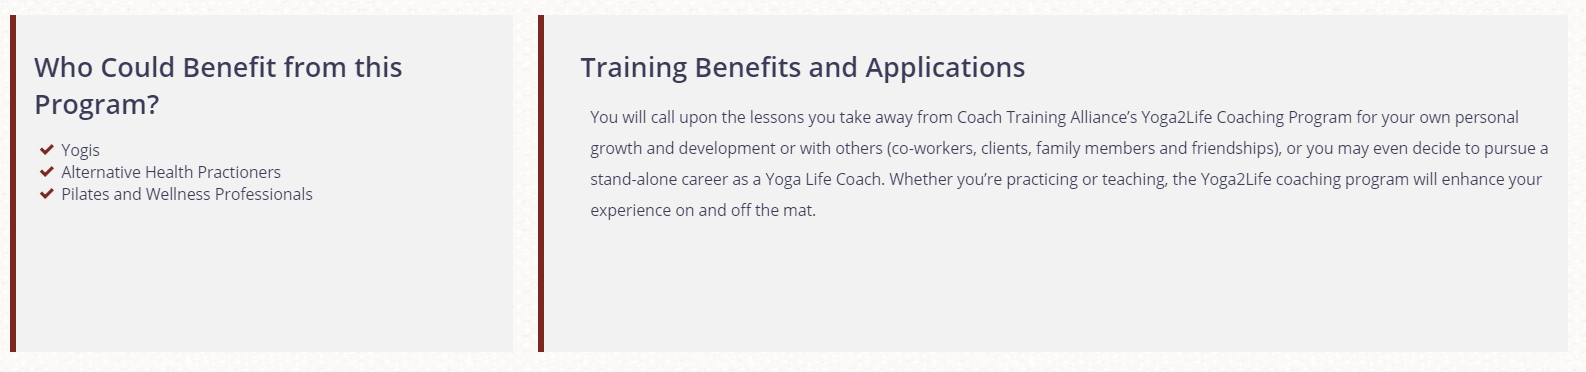 Coach Training Alliance Review- Yoga Life Coaching Benefits